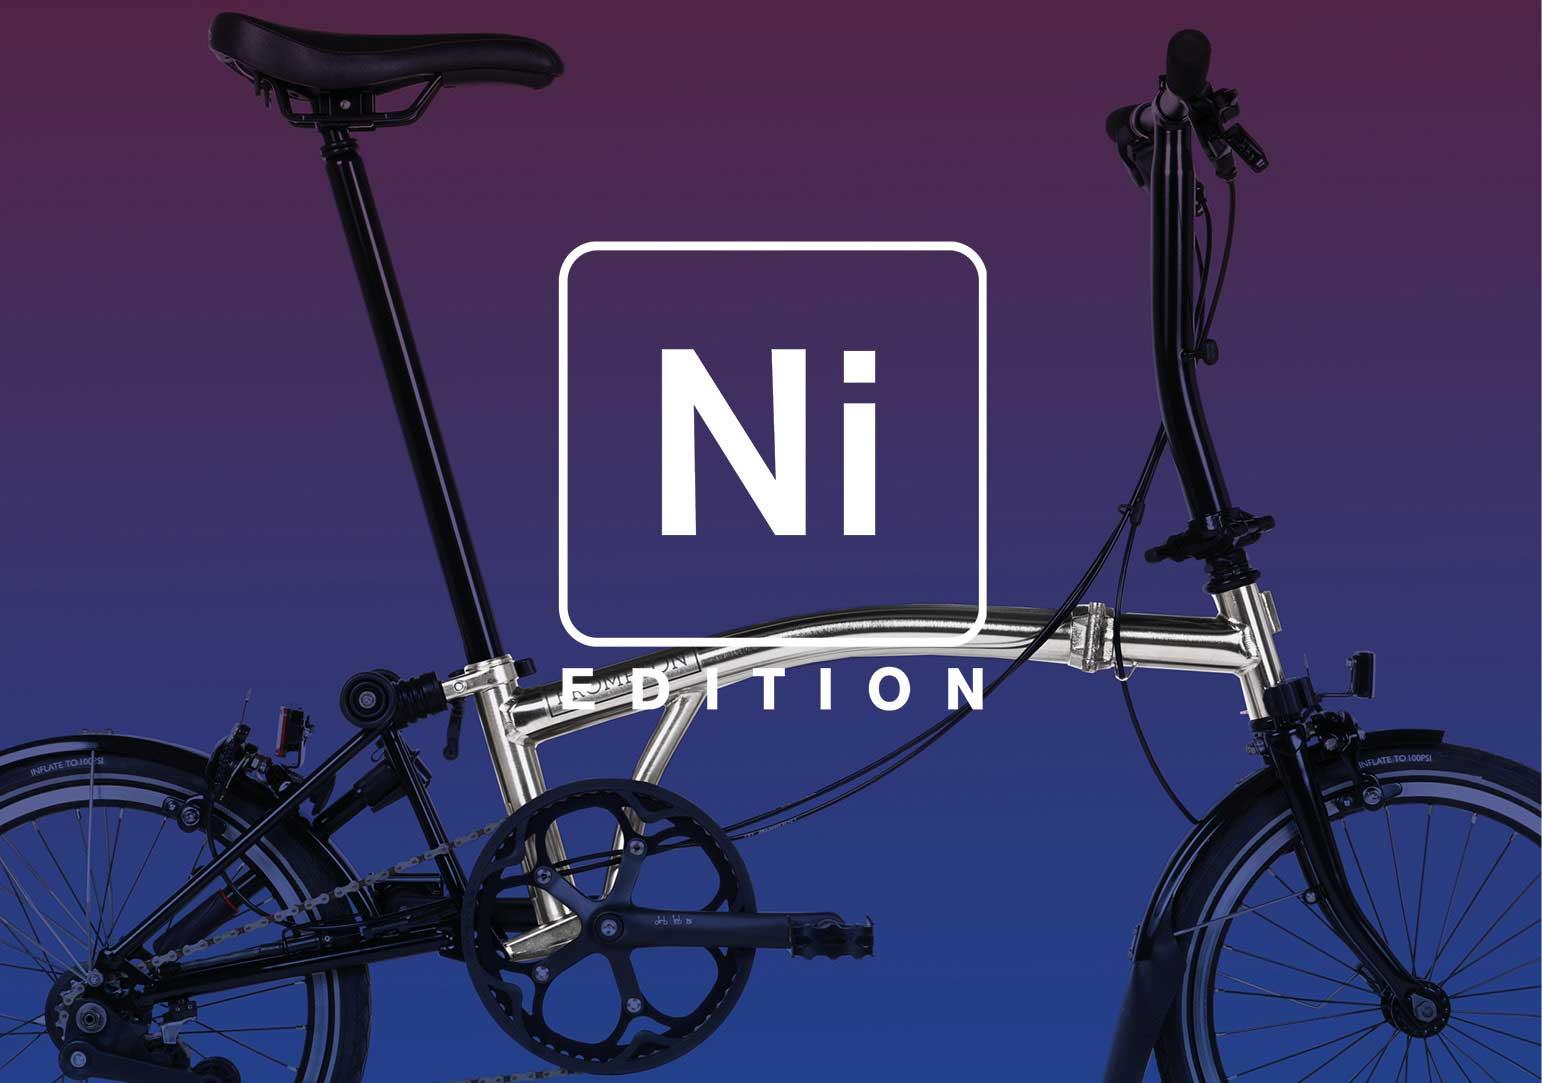 Nickel Special Edition